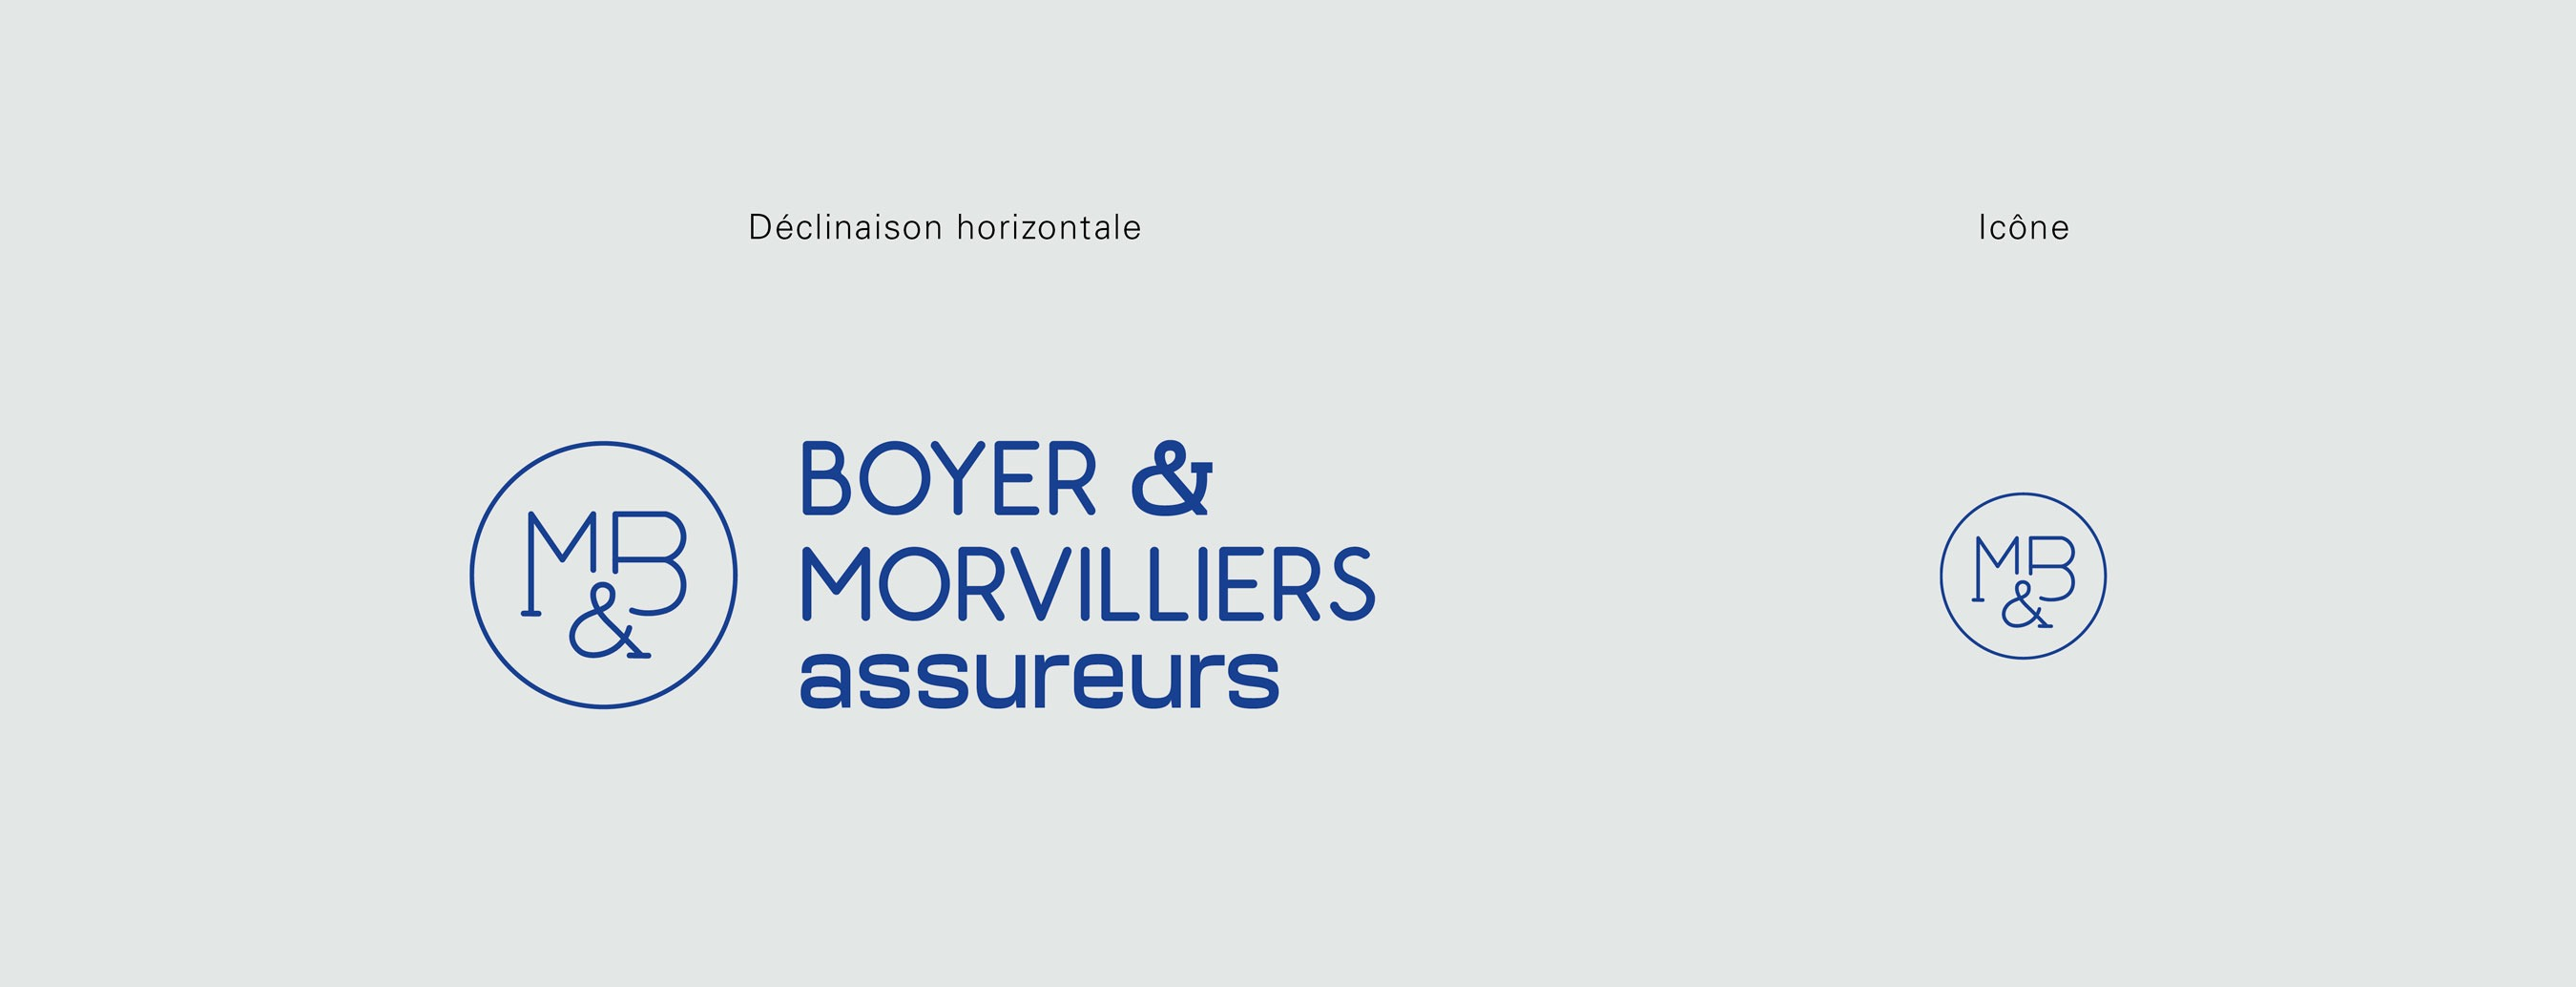 Boyer & Morvilliers 6